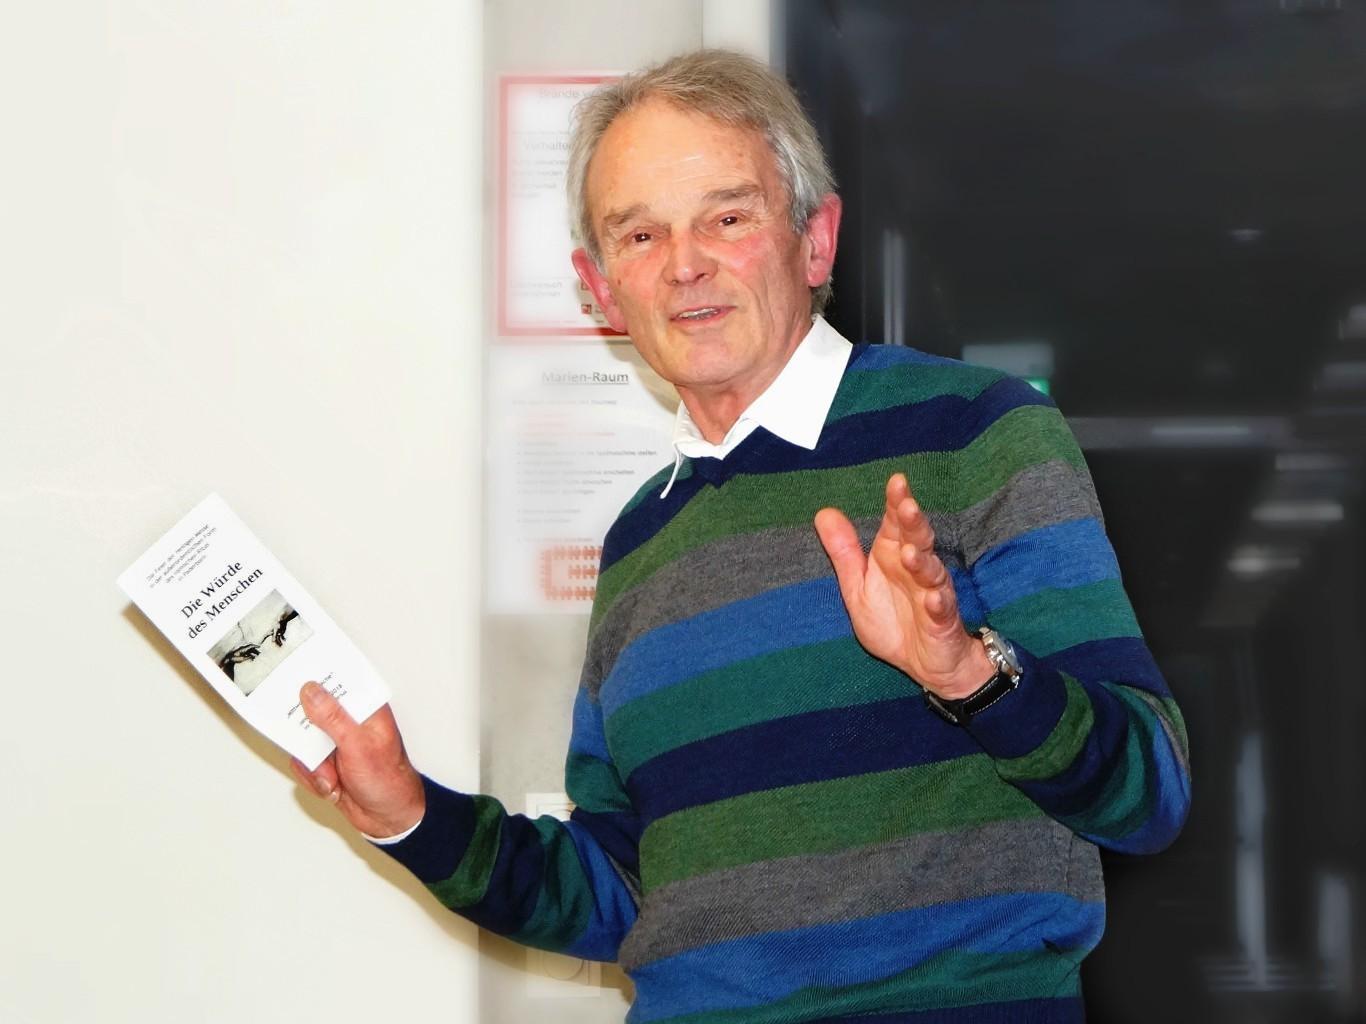 Dr. Wolfgang Kühnhold